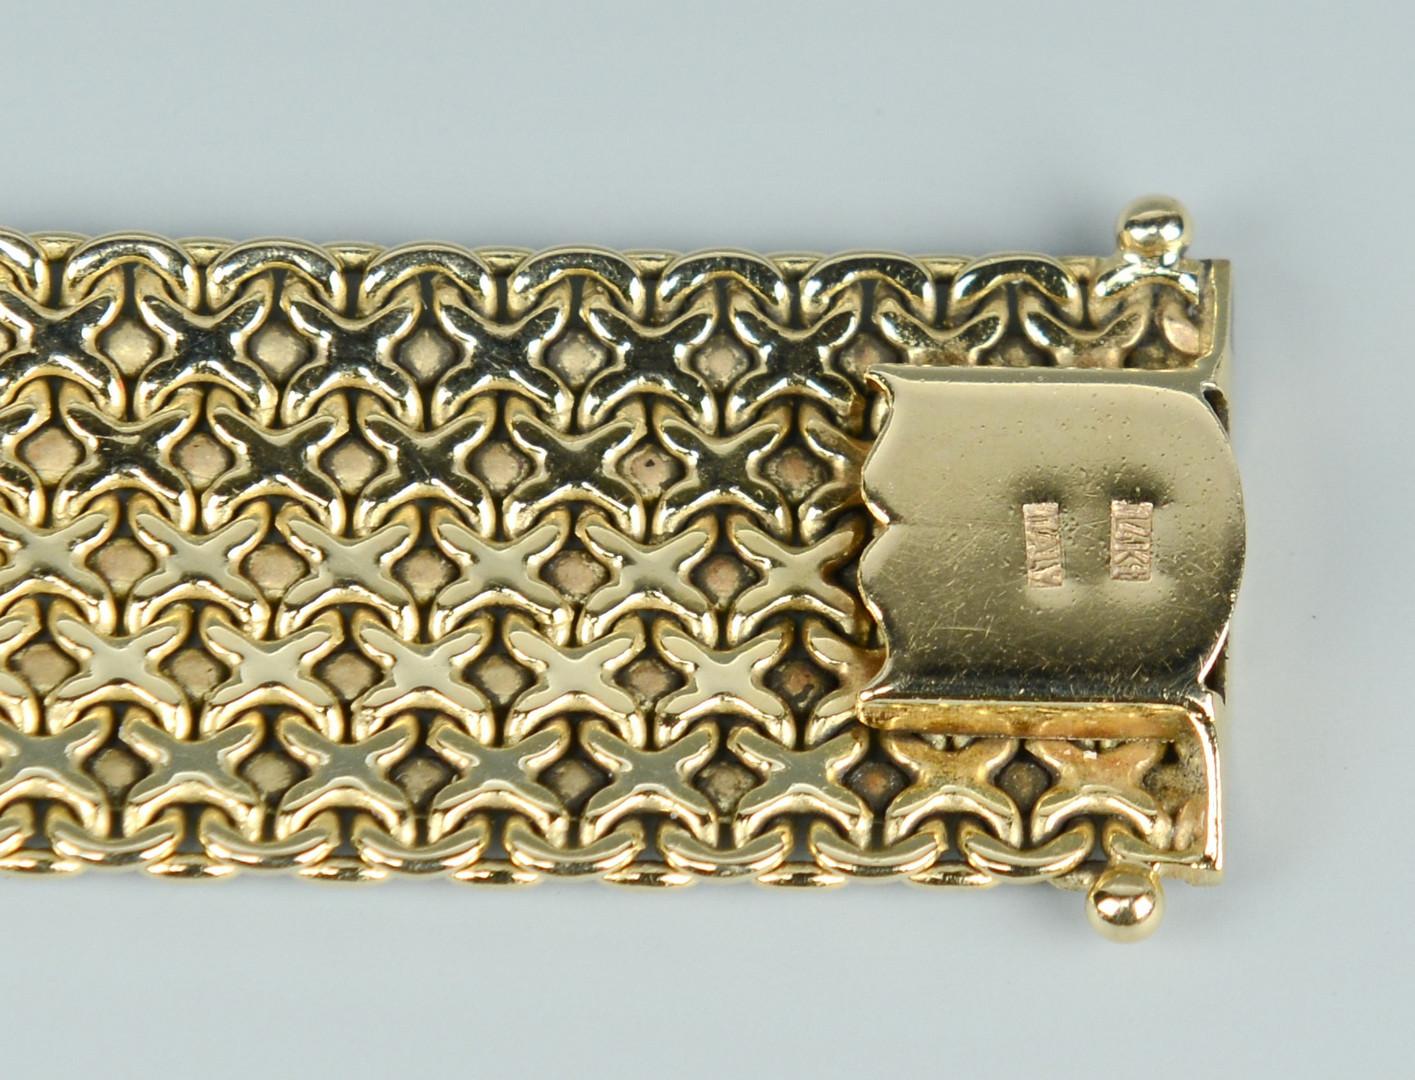 Lot 263: Italian 14k Mesh Link Bracelet